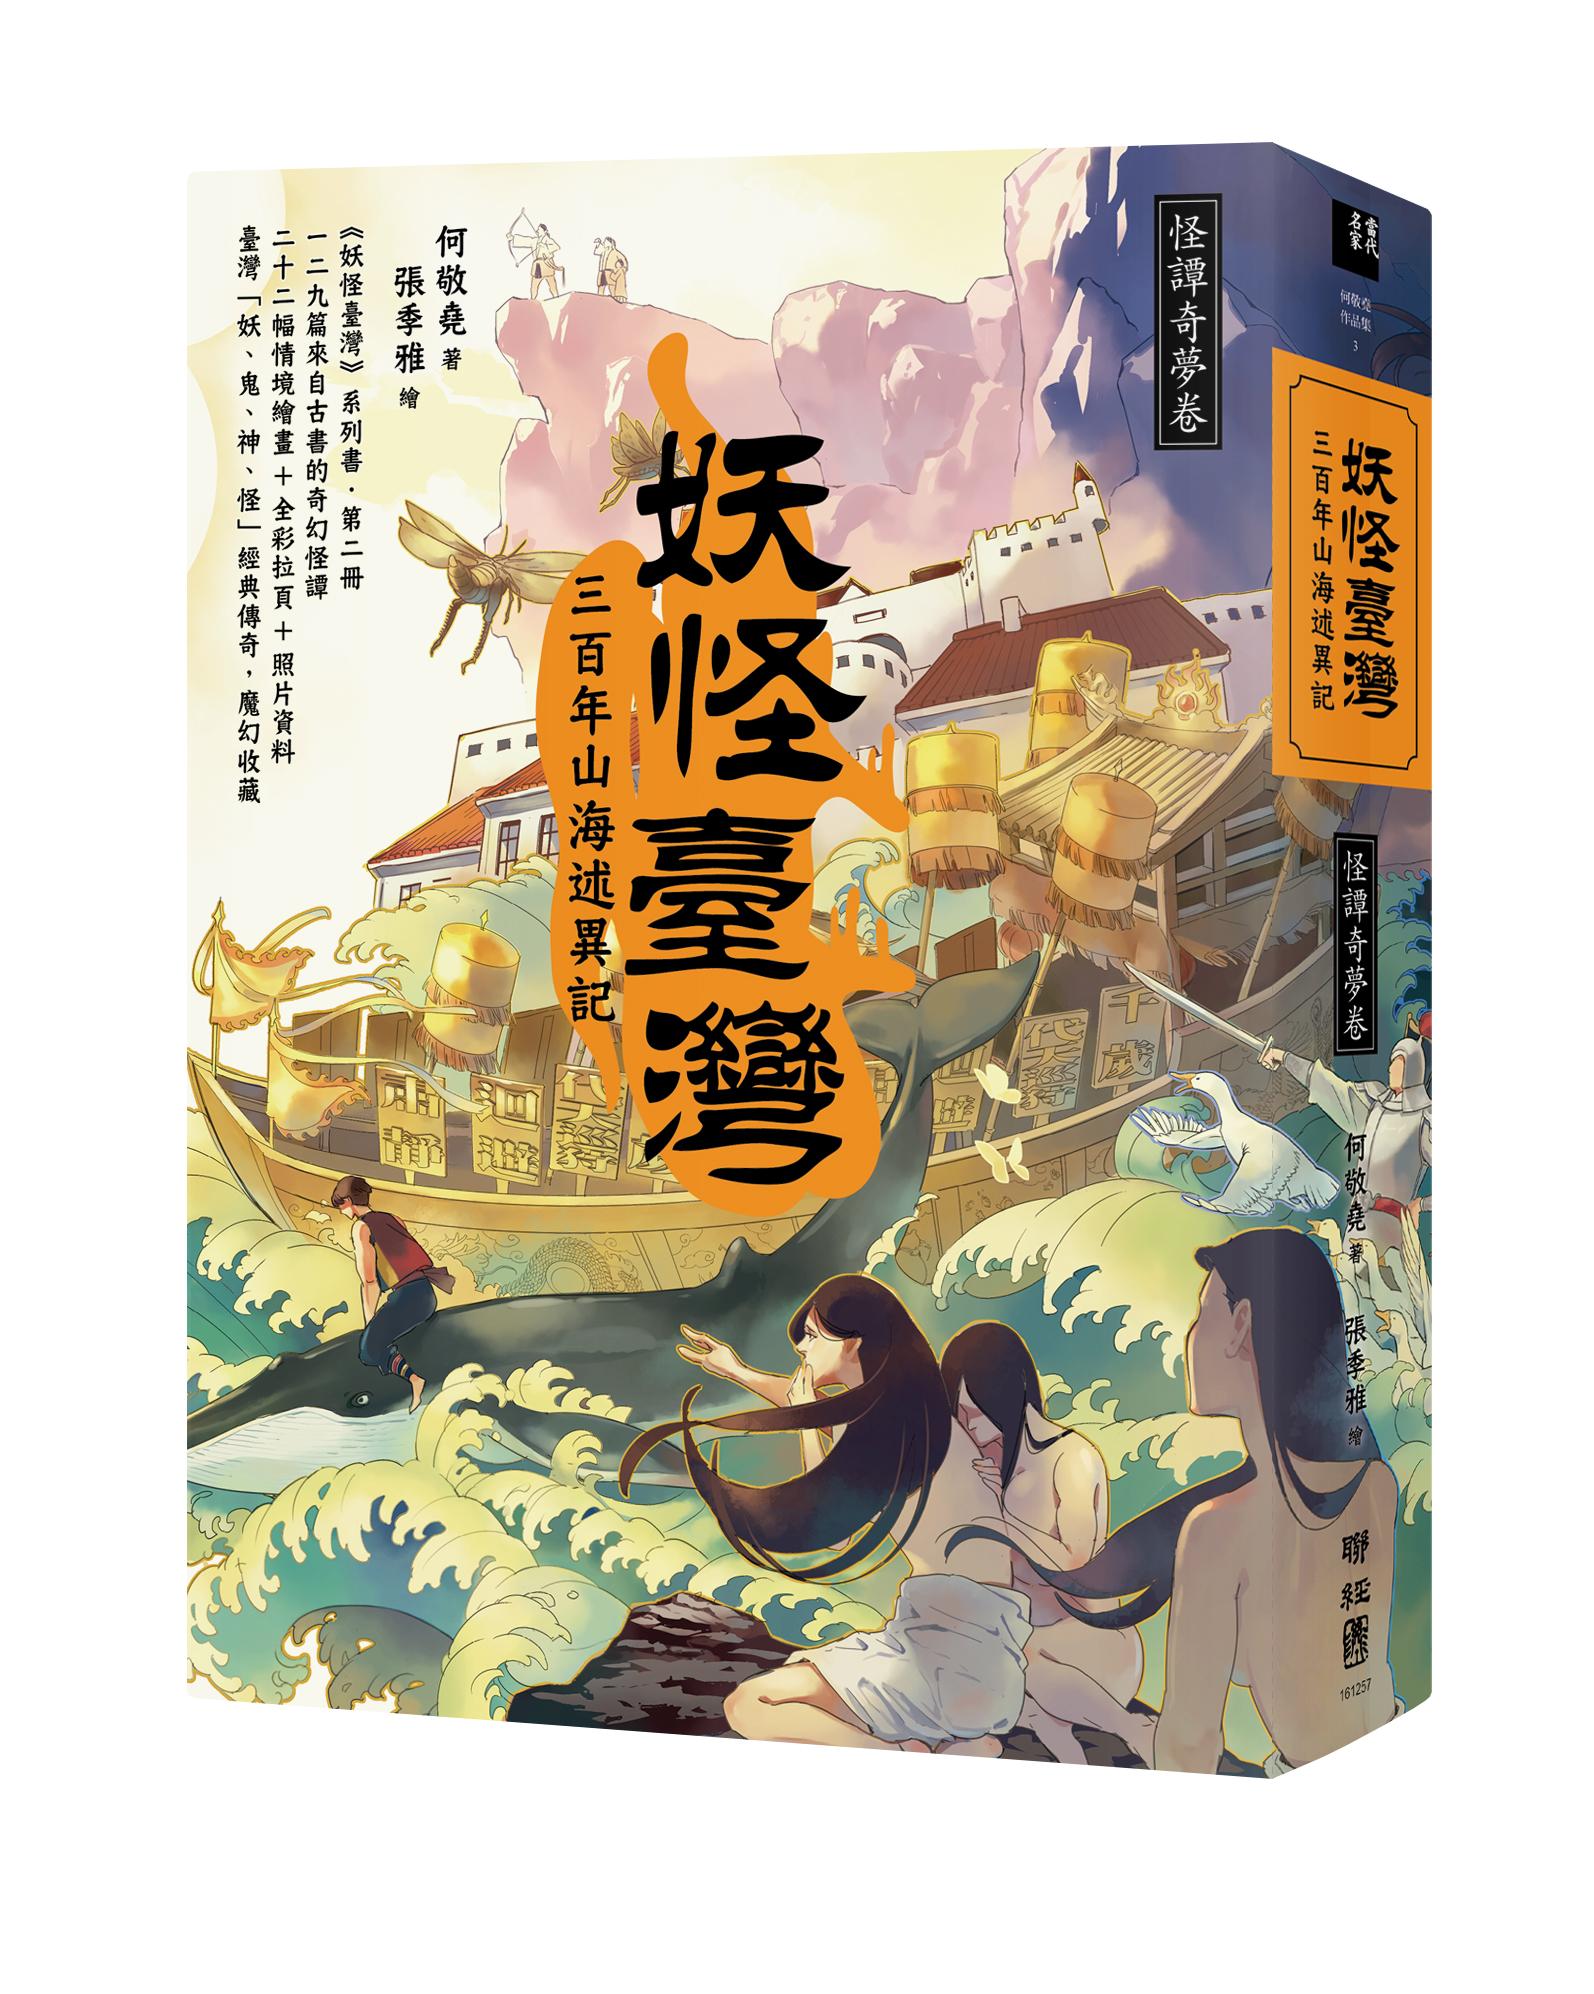 妖怪臺灣:三百年山海述異記‧怪譚奇夢卷 - ISBN9789570854404(封+立).jpg